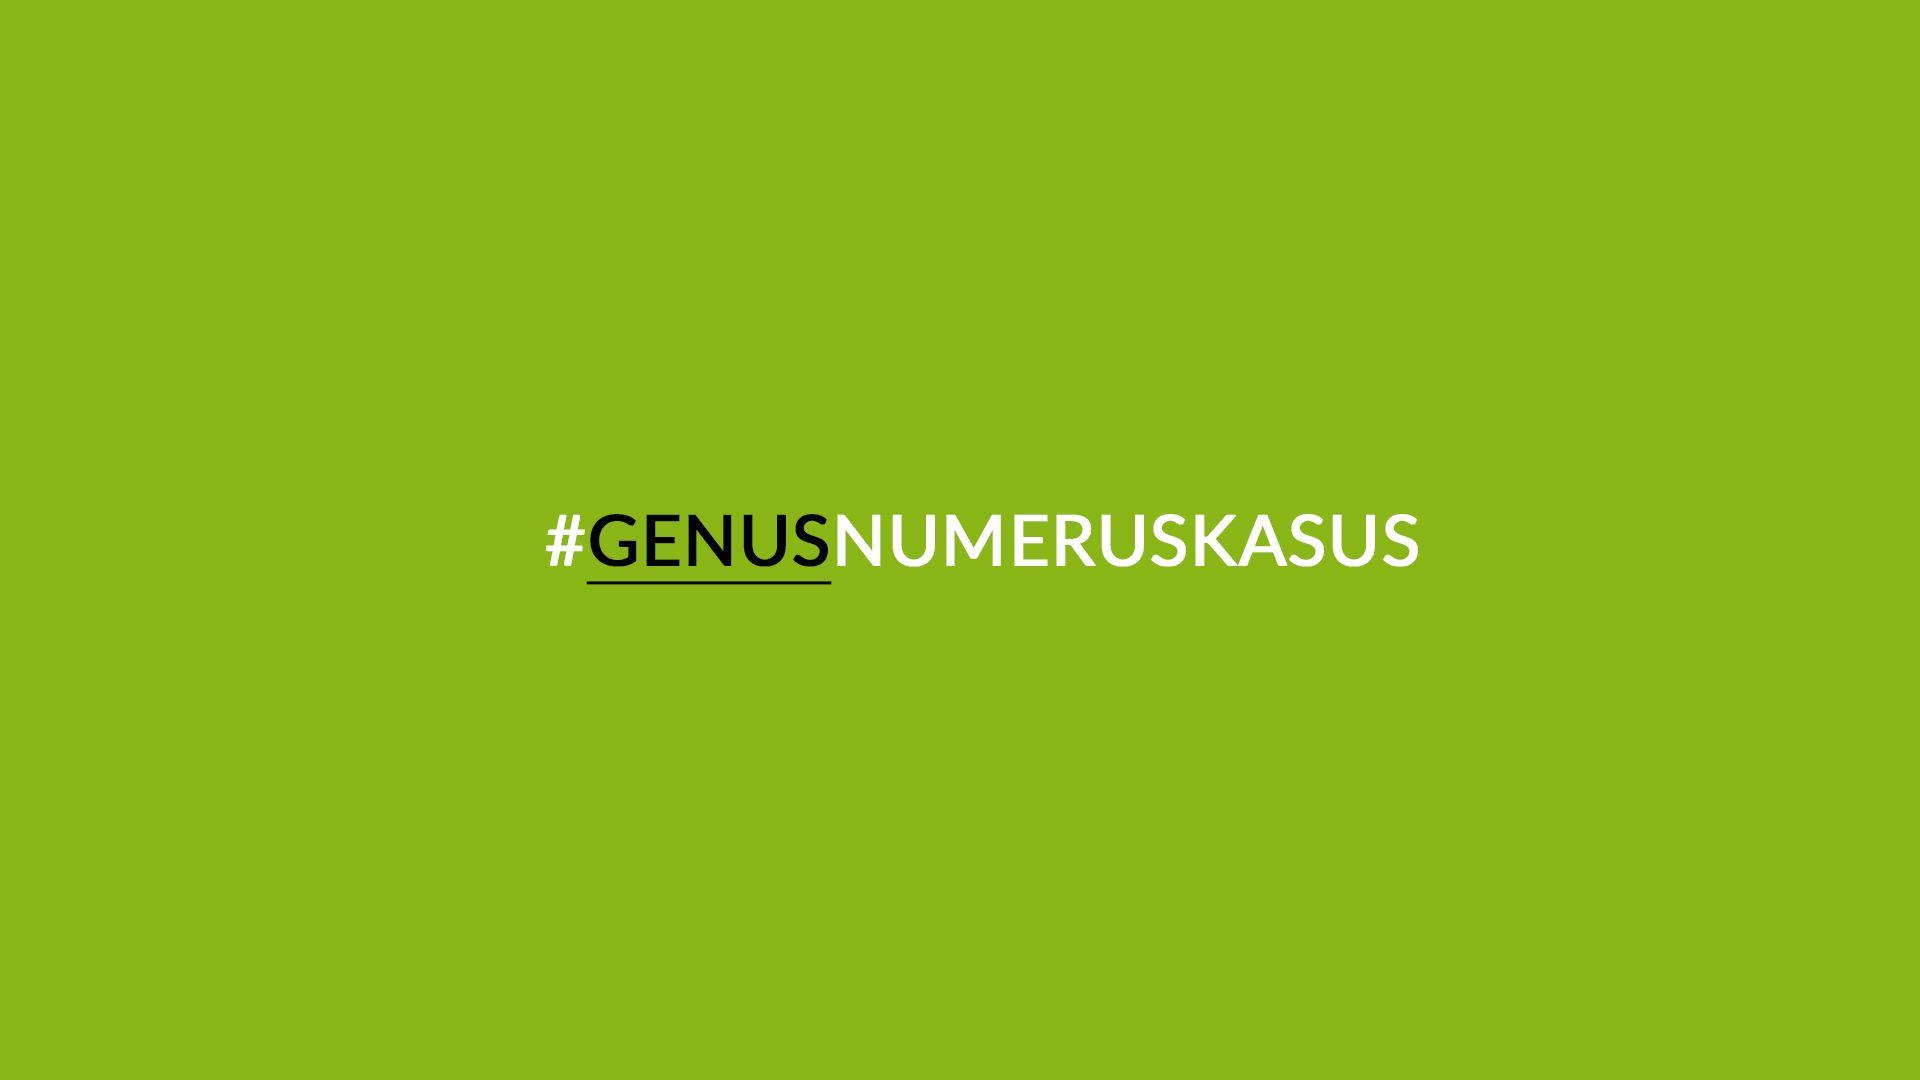 Sprachgeheimnisse: Genus